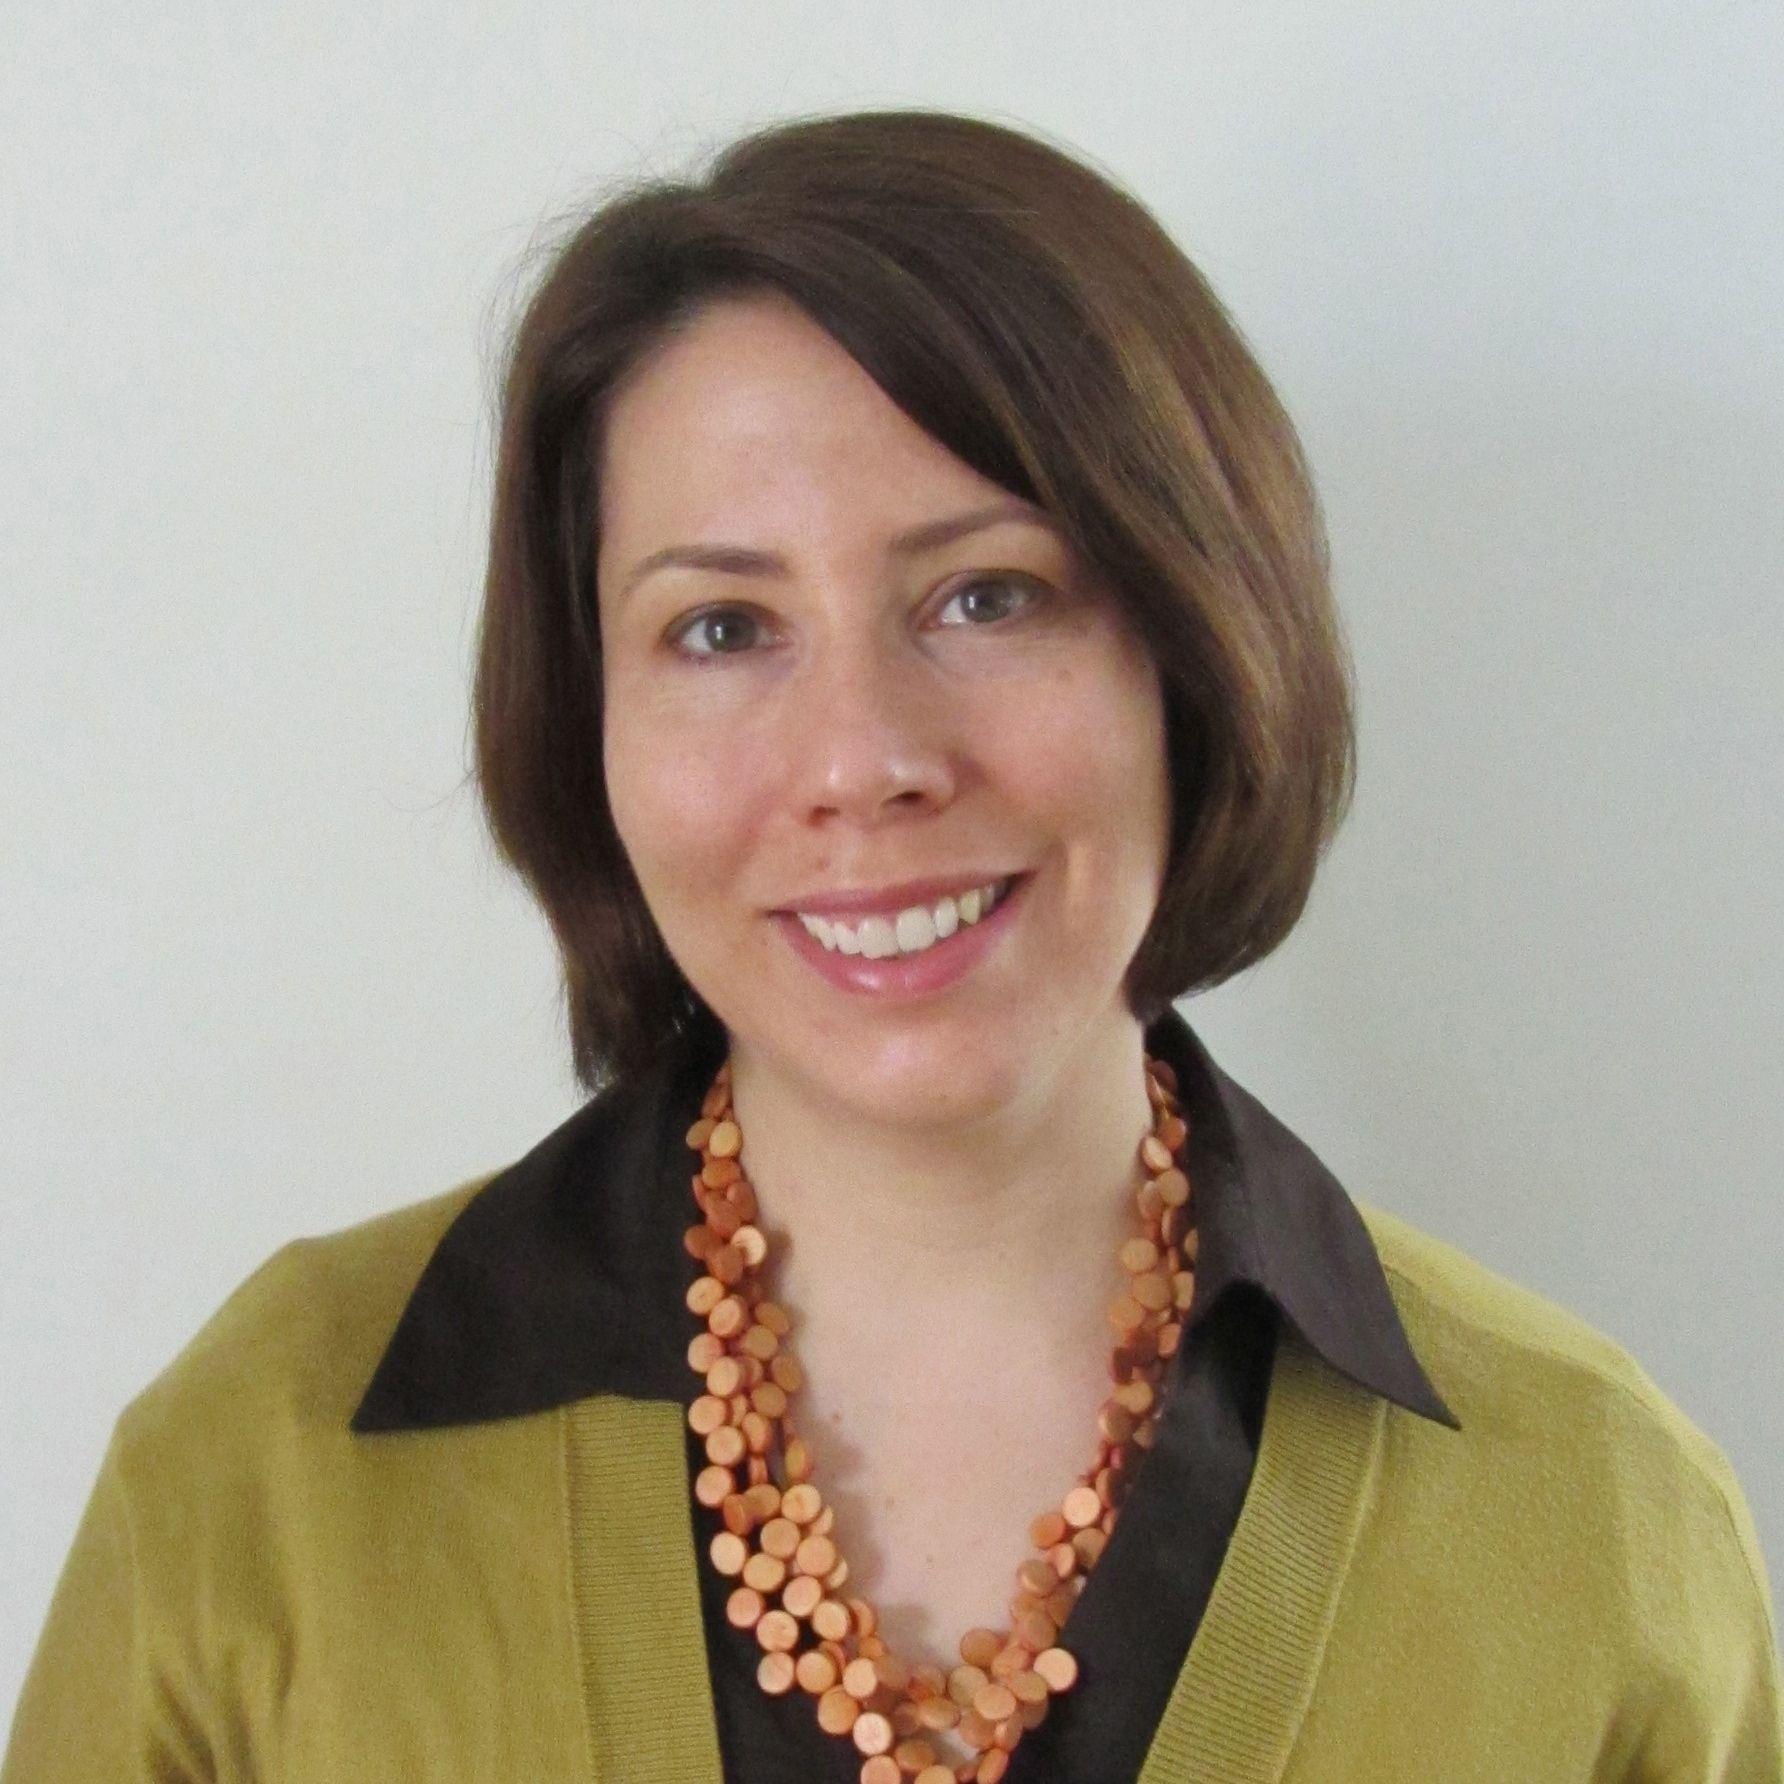 Cassandra V. Horii